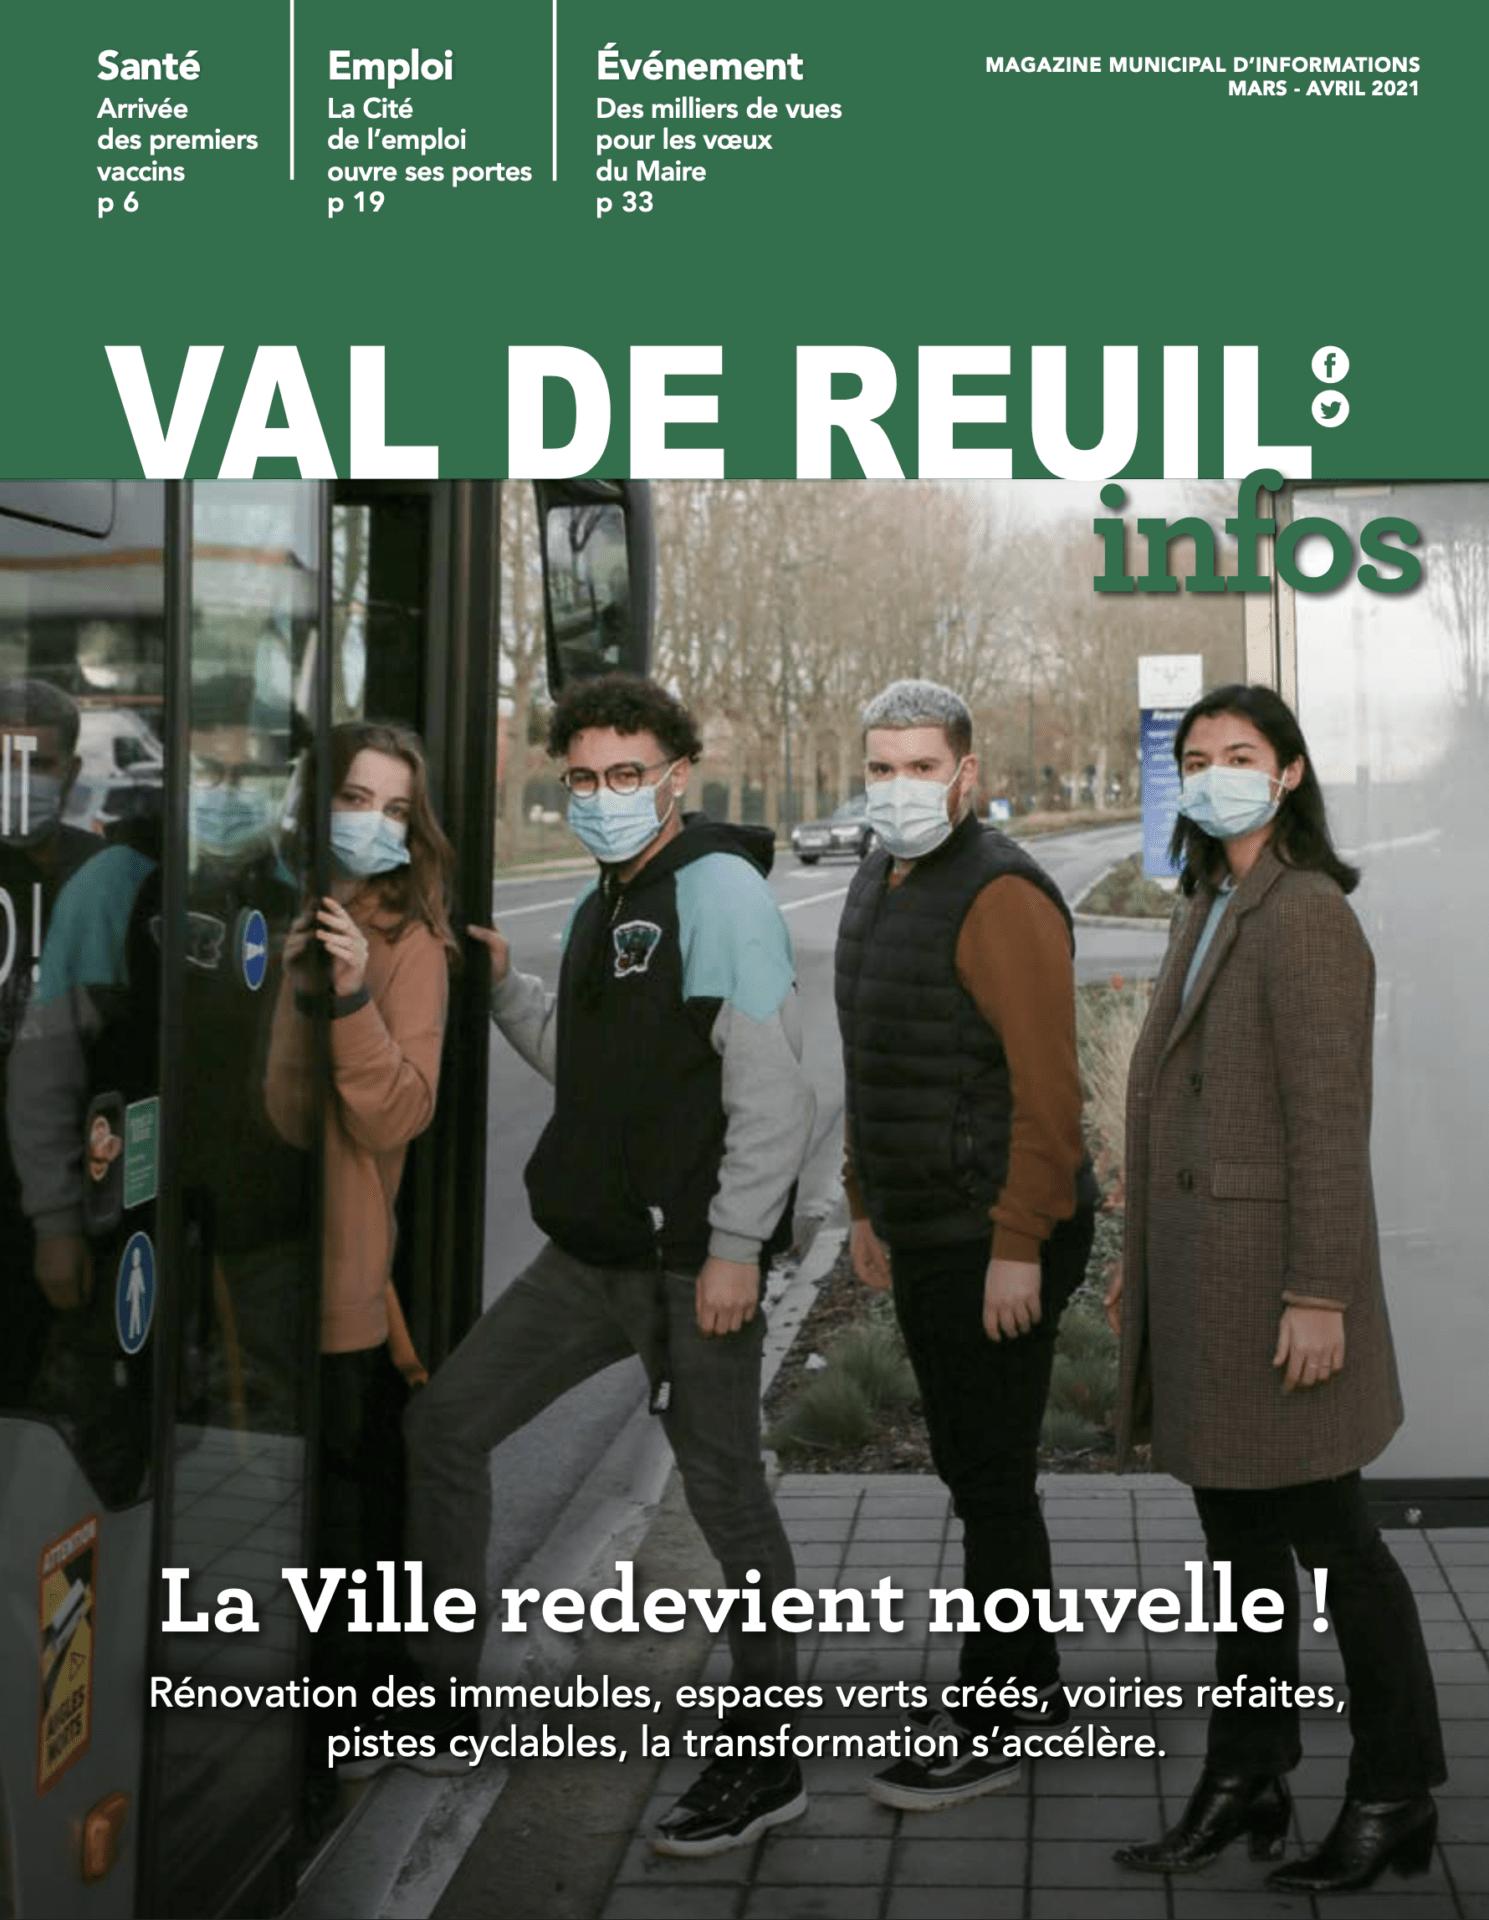 Valdereuil_infos n°21 – MARS – AVRIL 2021